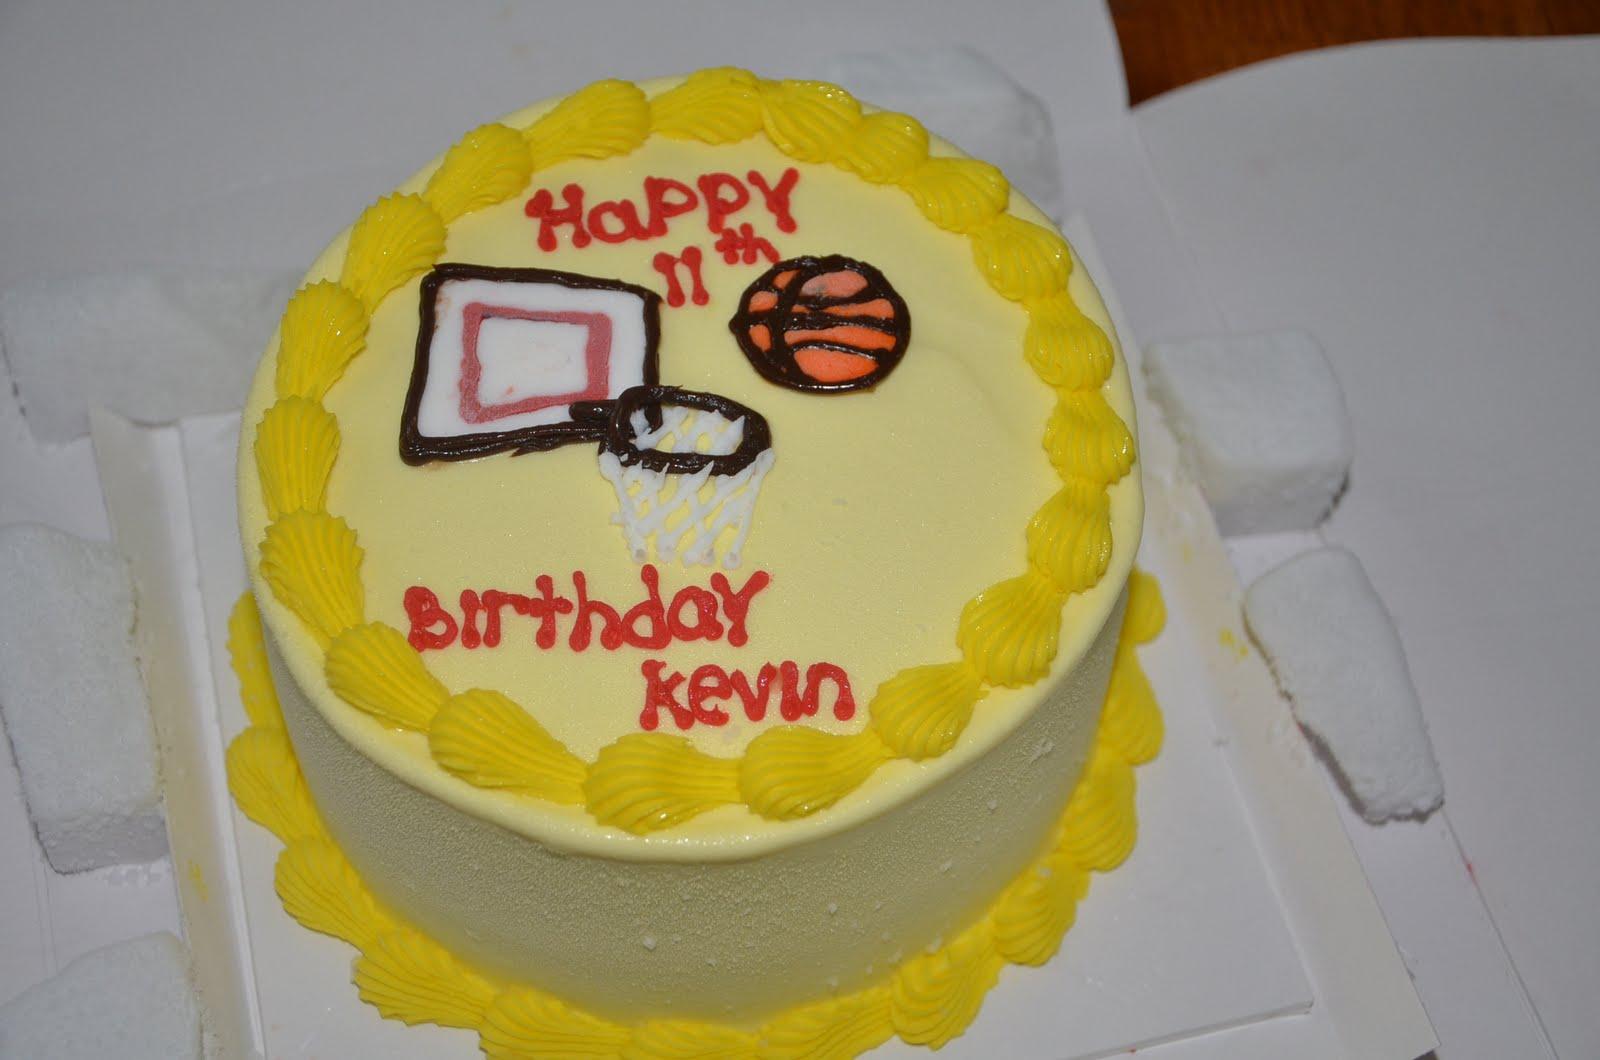 metamorphosis: Kevin is Now 11!